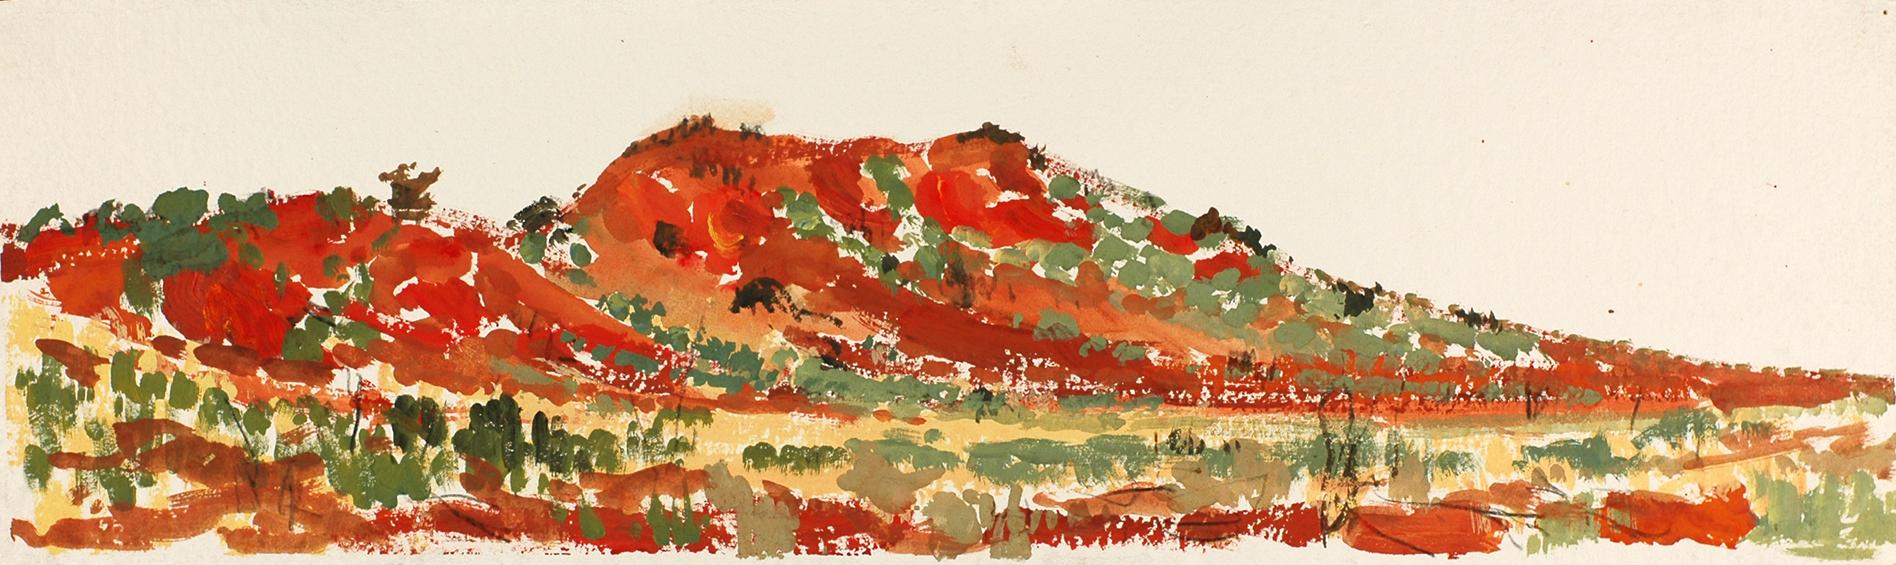 Simpson Desert, dune, 2013